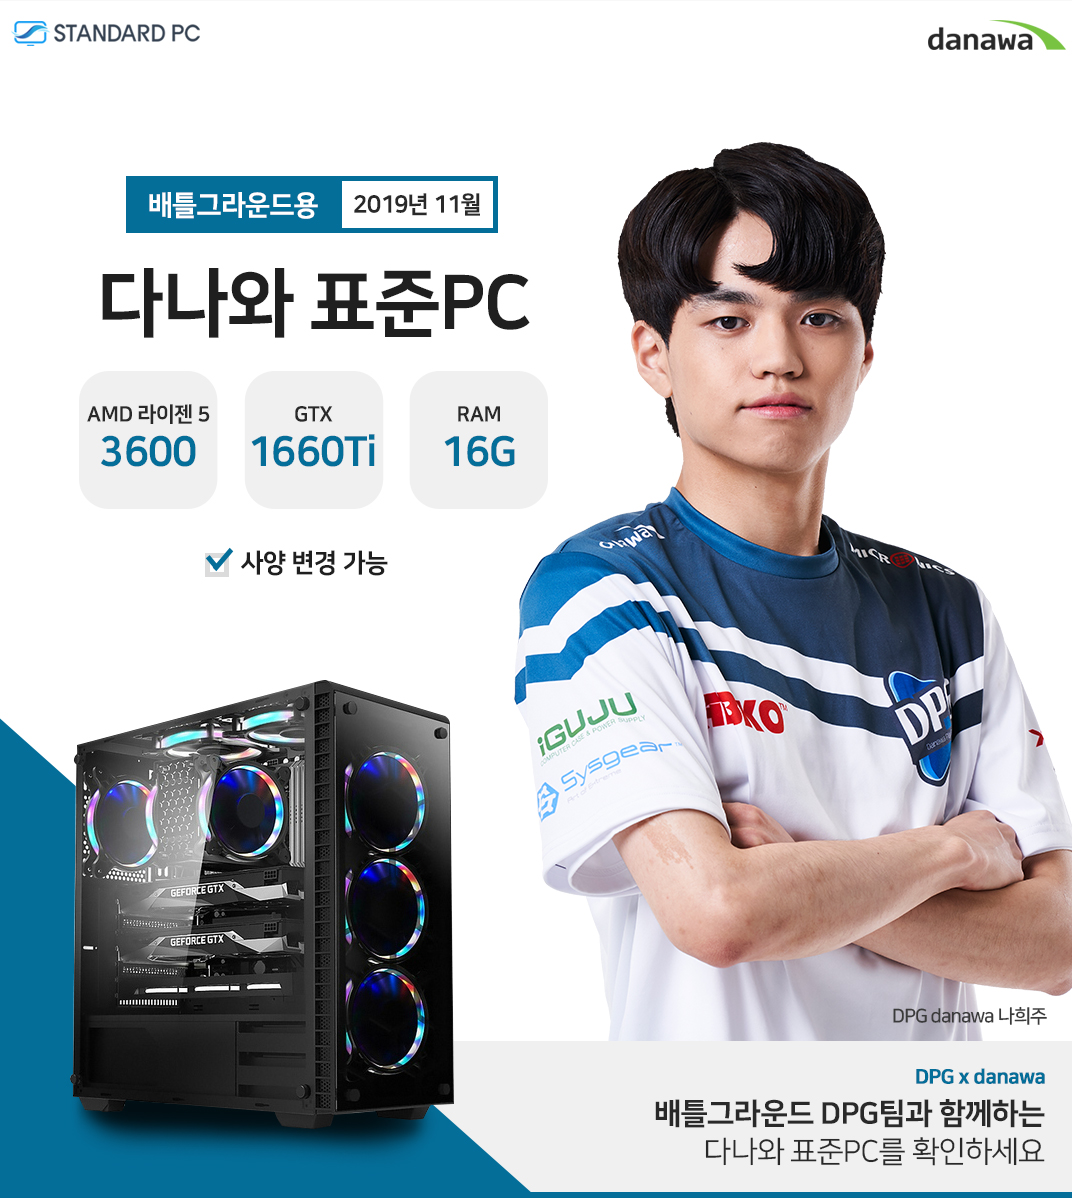 2019년 11월 다나와 표준PC 배틀그라운드용  AMD 라이젠 5 3600  GTX1660Ti RAM 16G